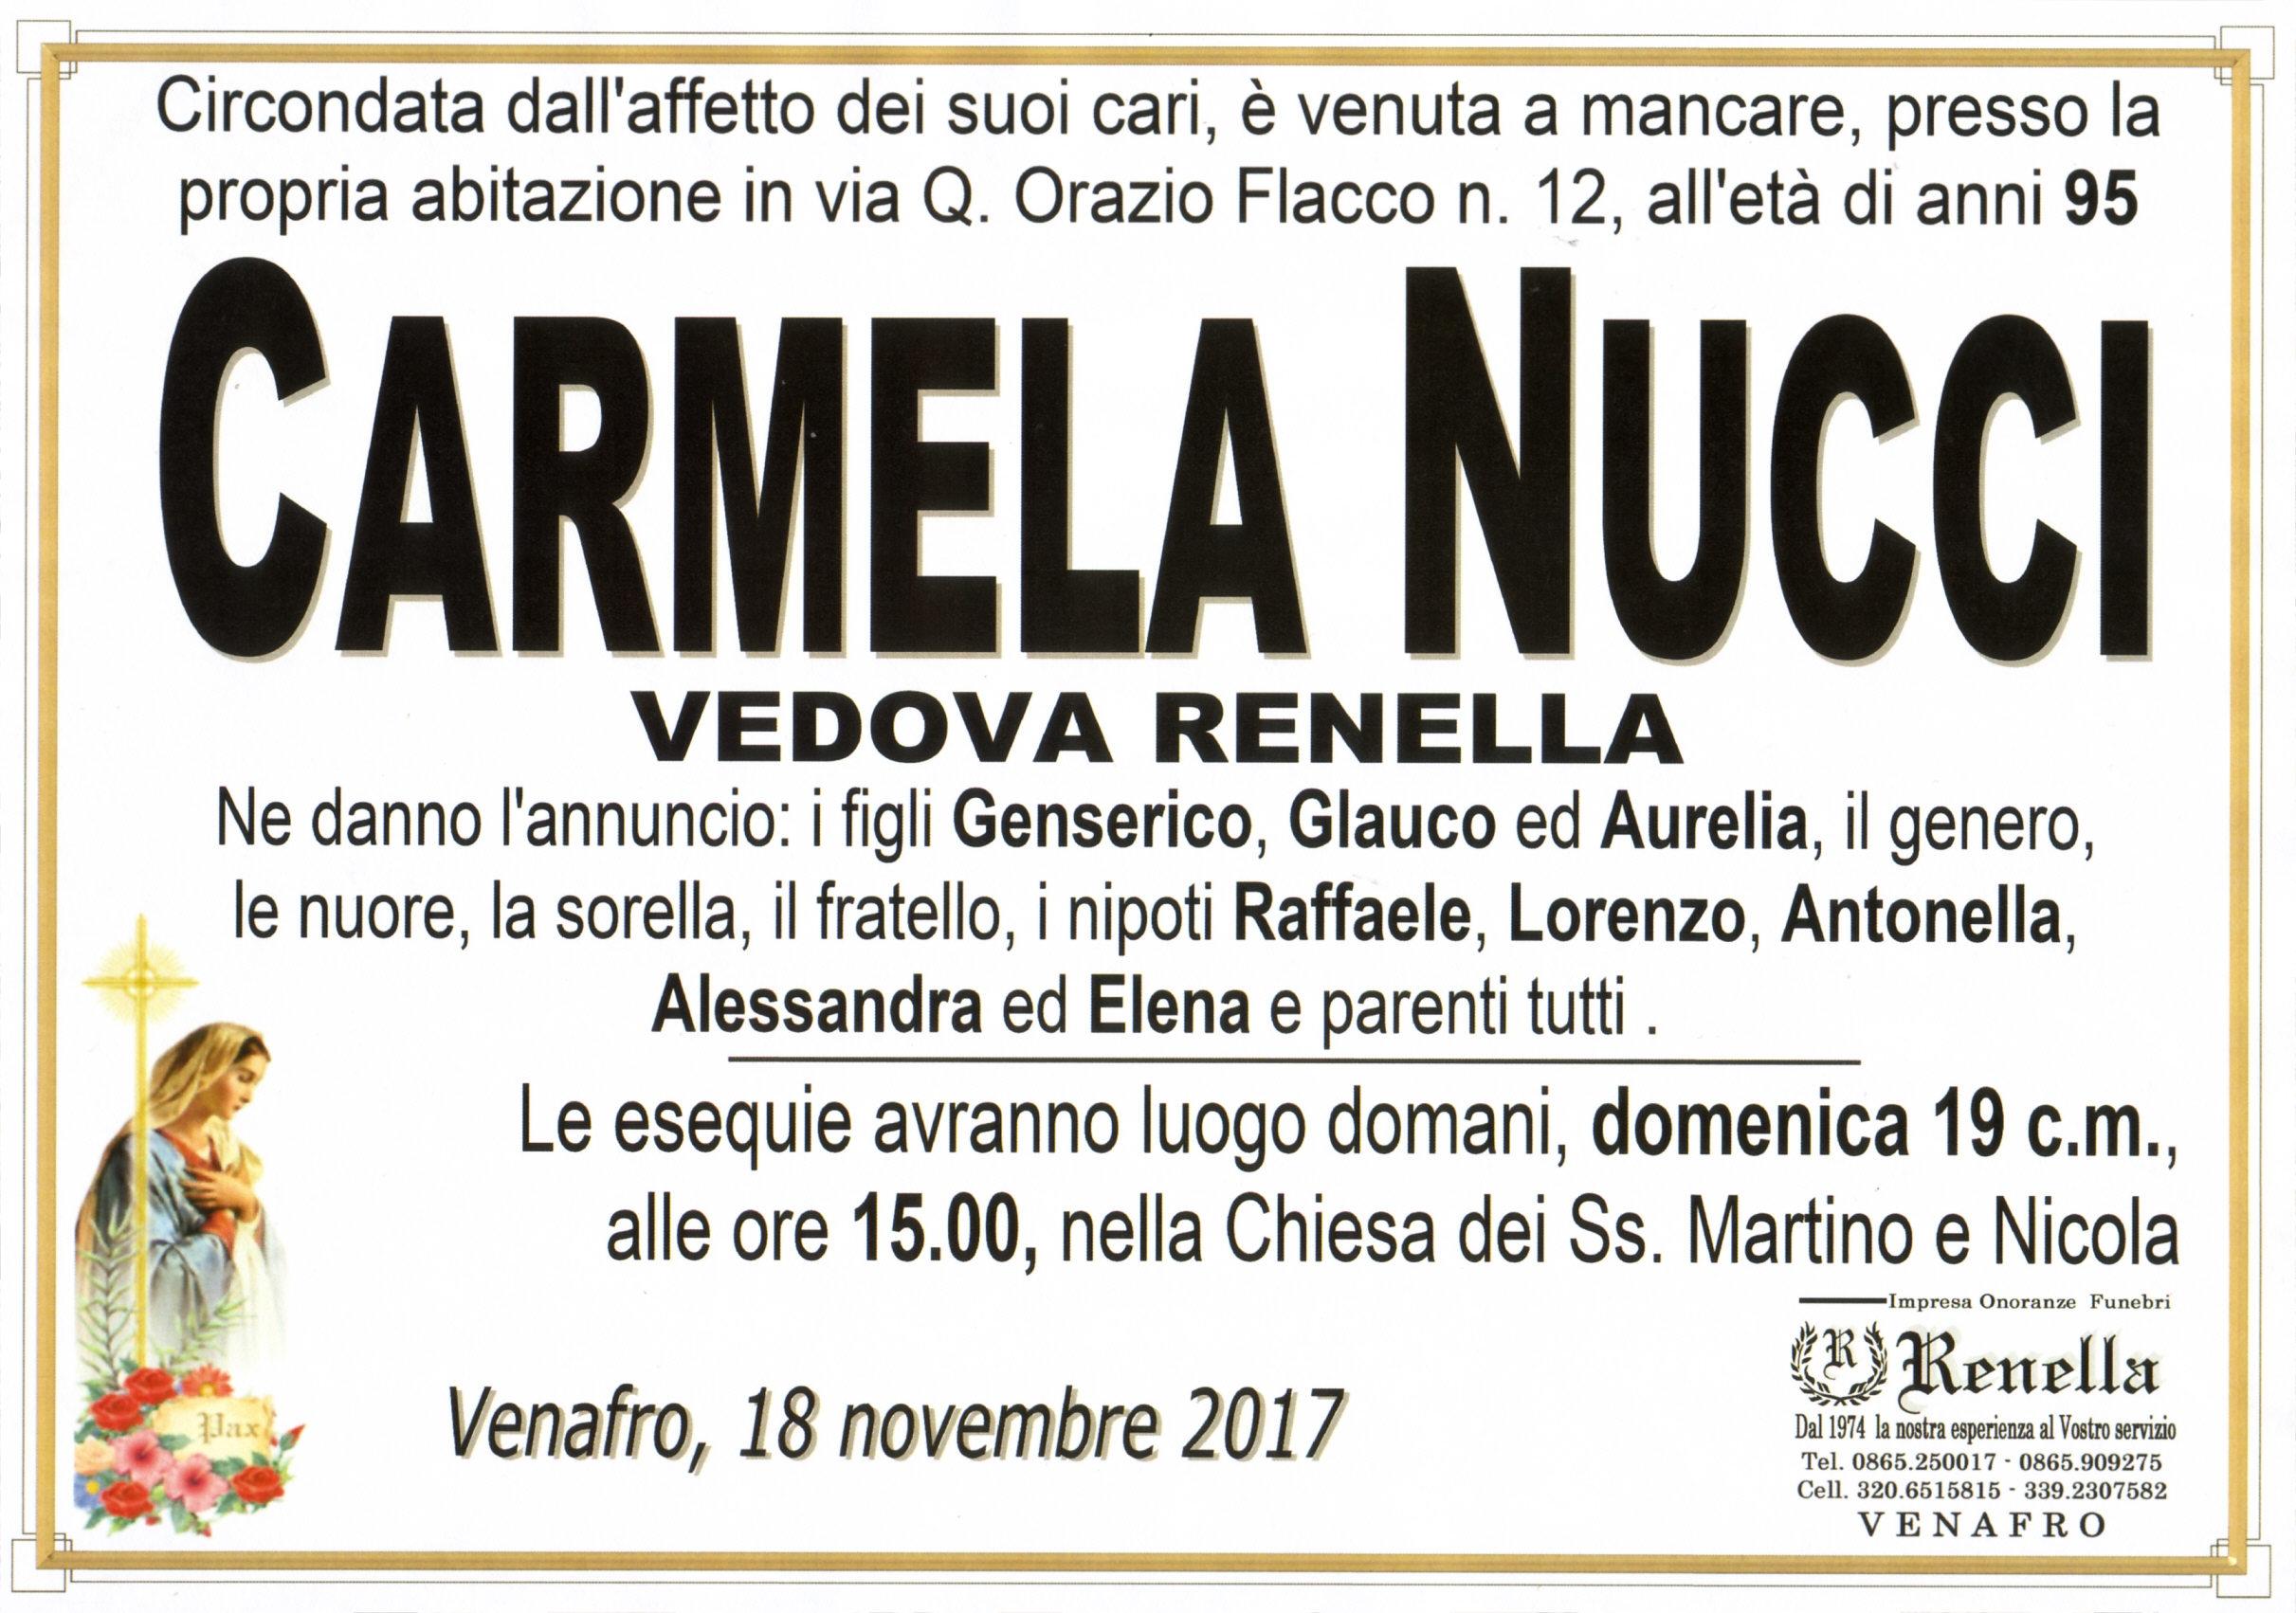 Carmela Nucci, 18/11/2017, Venafro – Onoranze Funebri Renella